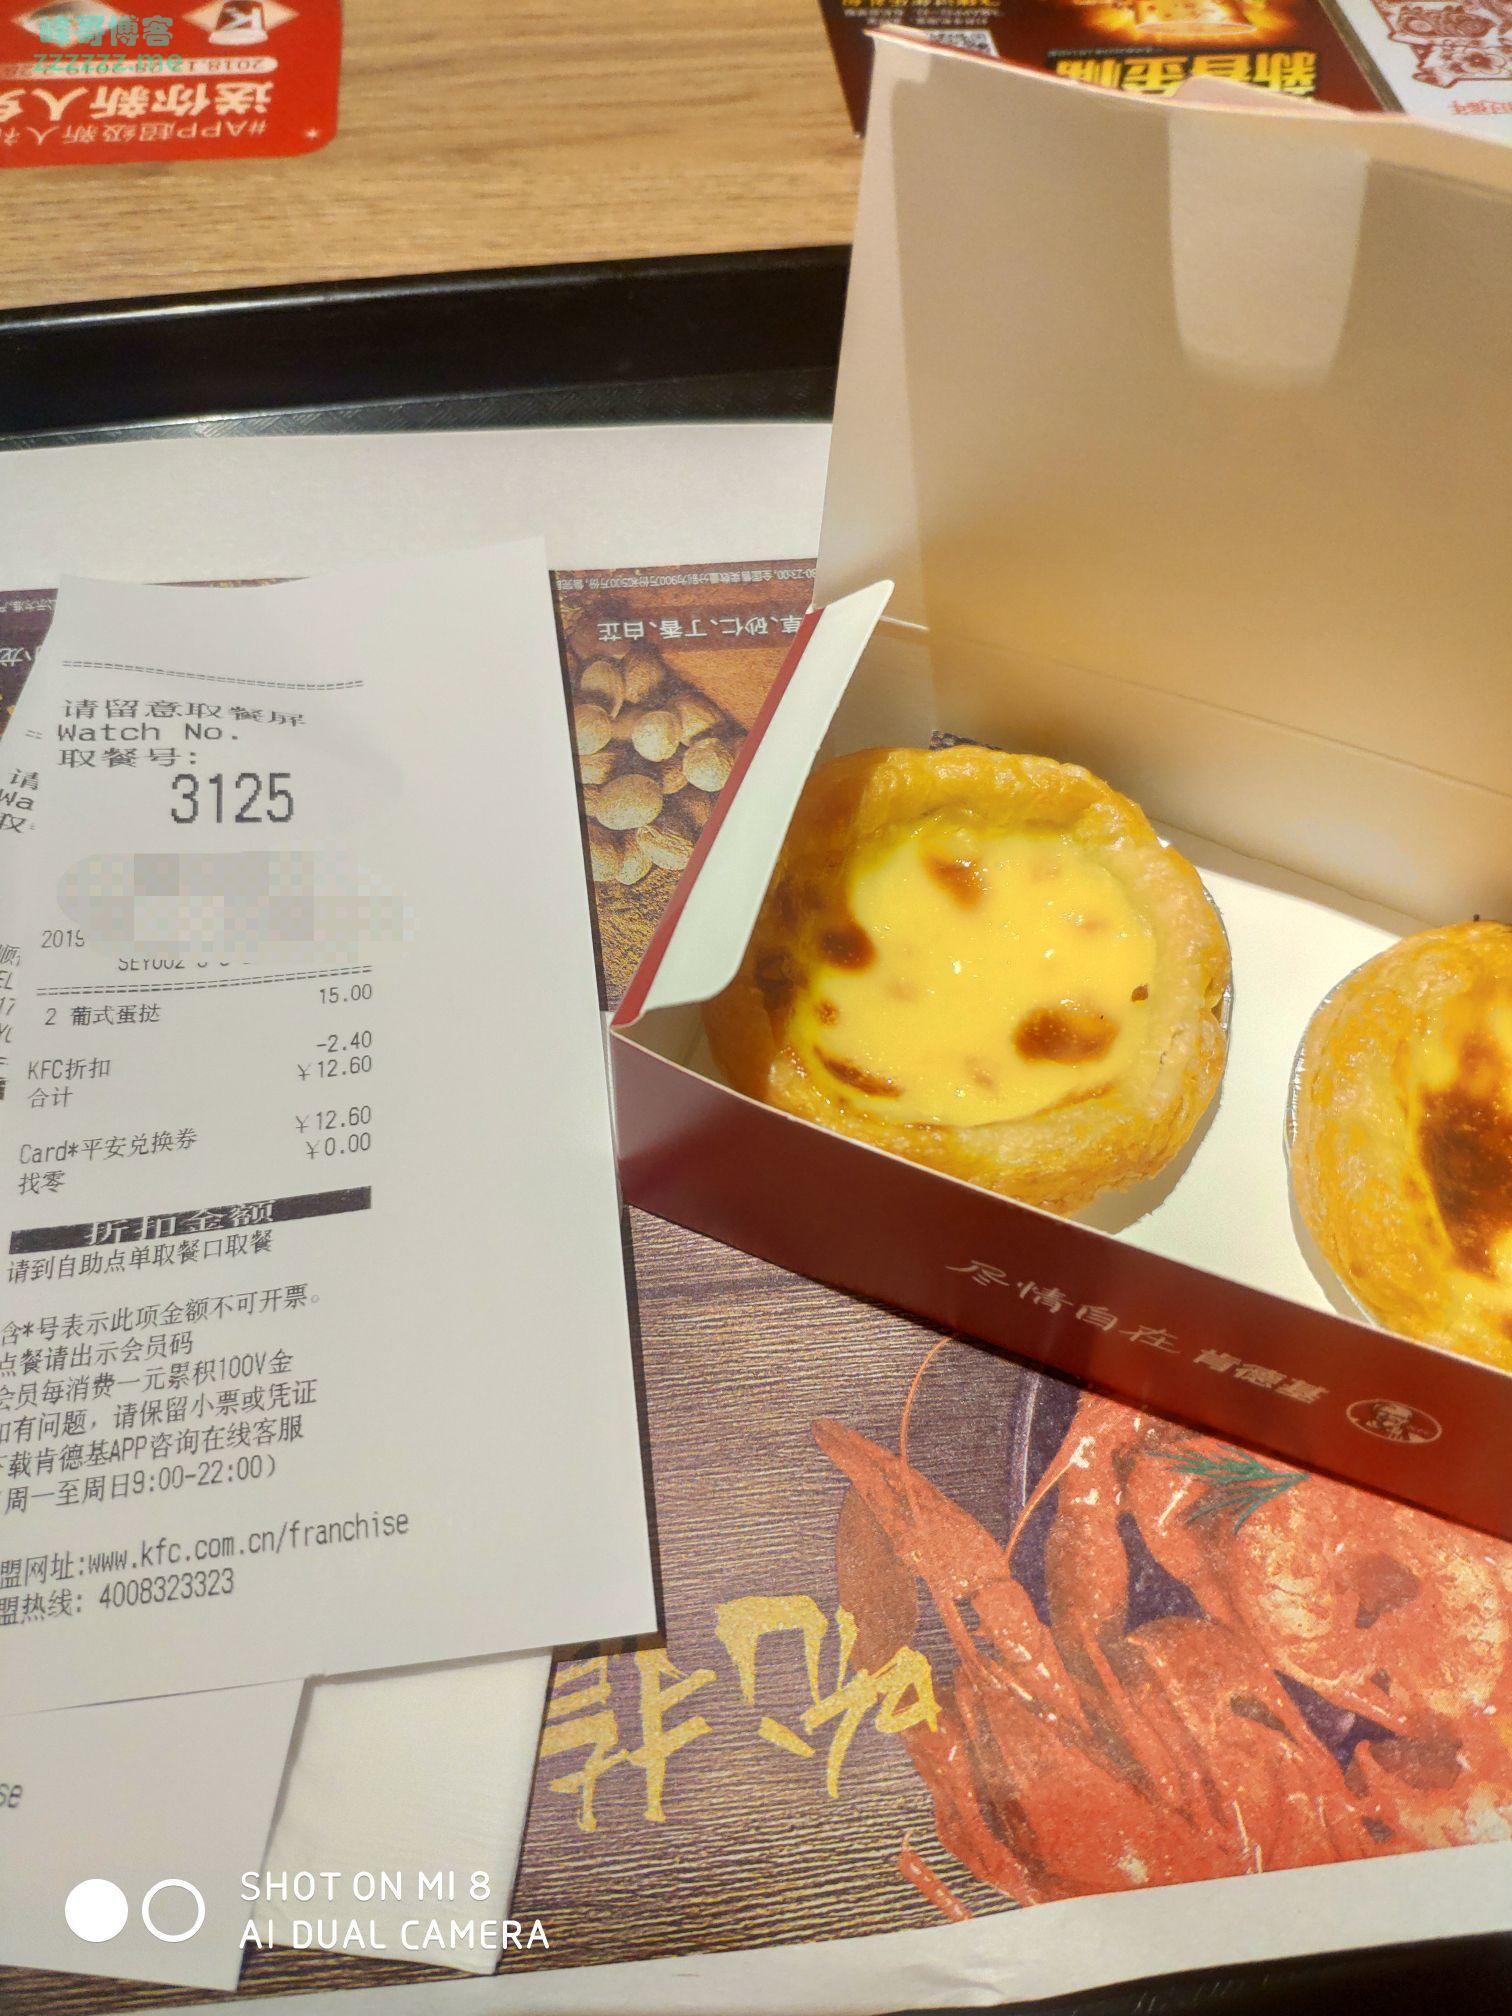 肯德基如何低价吃葡式蛋挞教程 全网首发每个低至0.5元